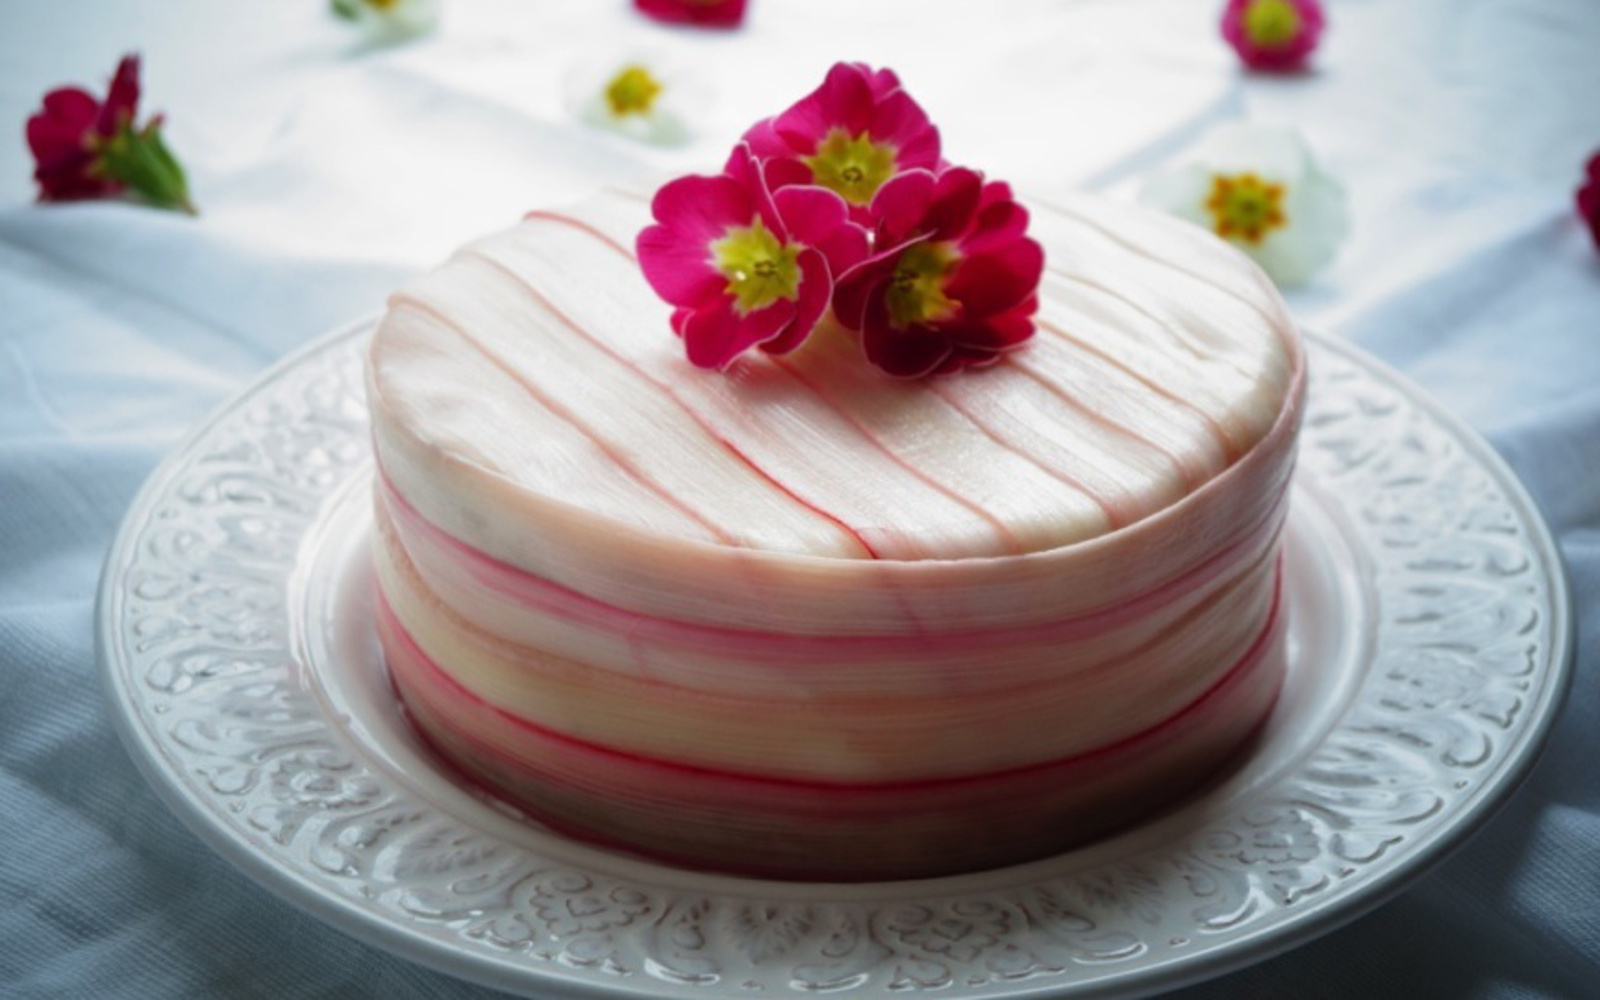 Rhubarb Champagne Cake